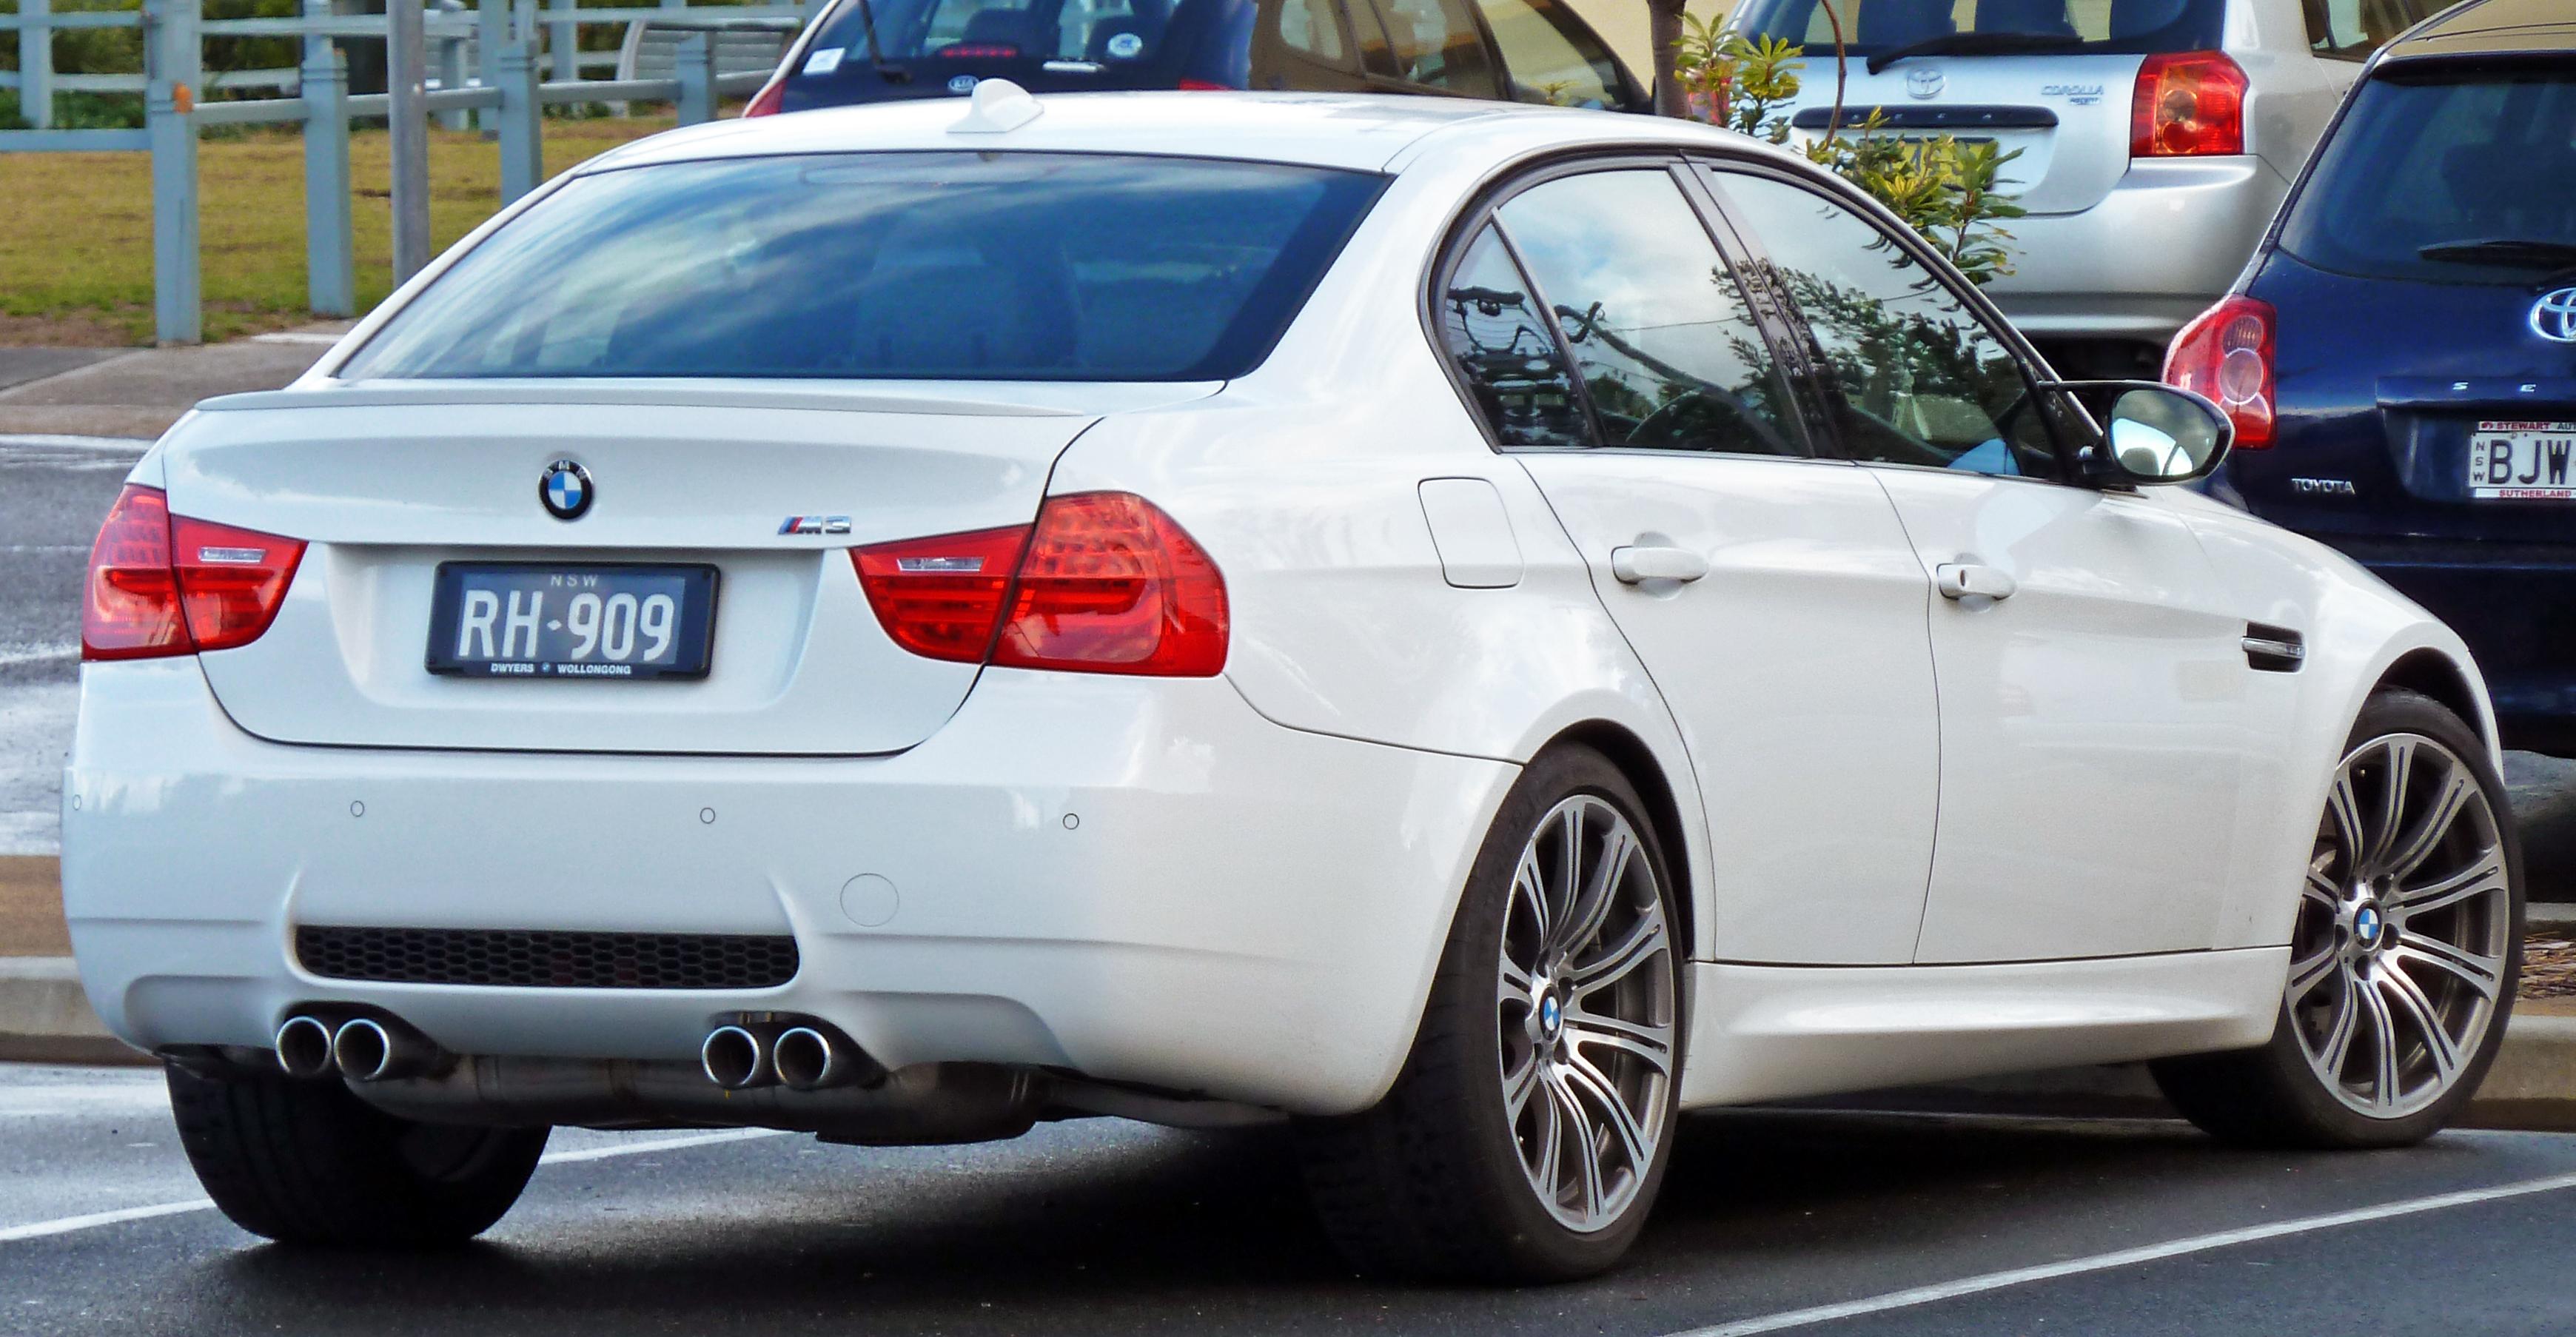 Bmw E90 Wiki >> File:2008-2010 BMW M3 (E90) sedan 03.jpg